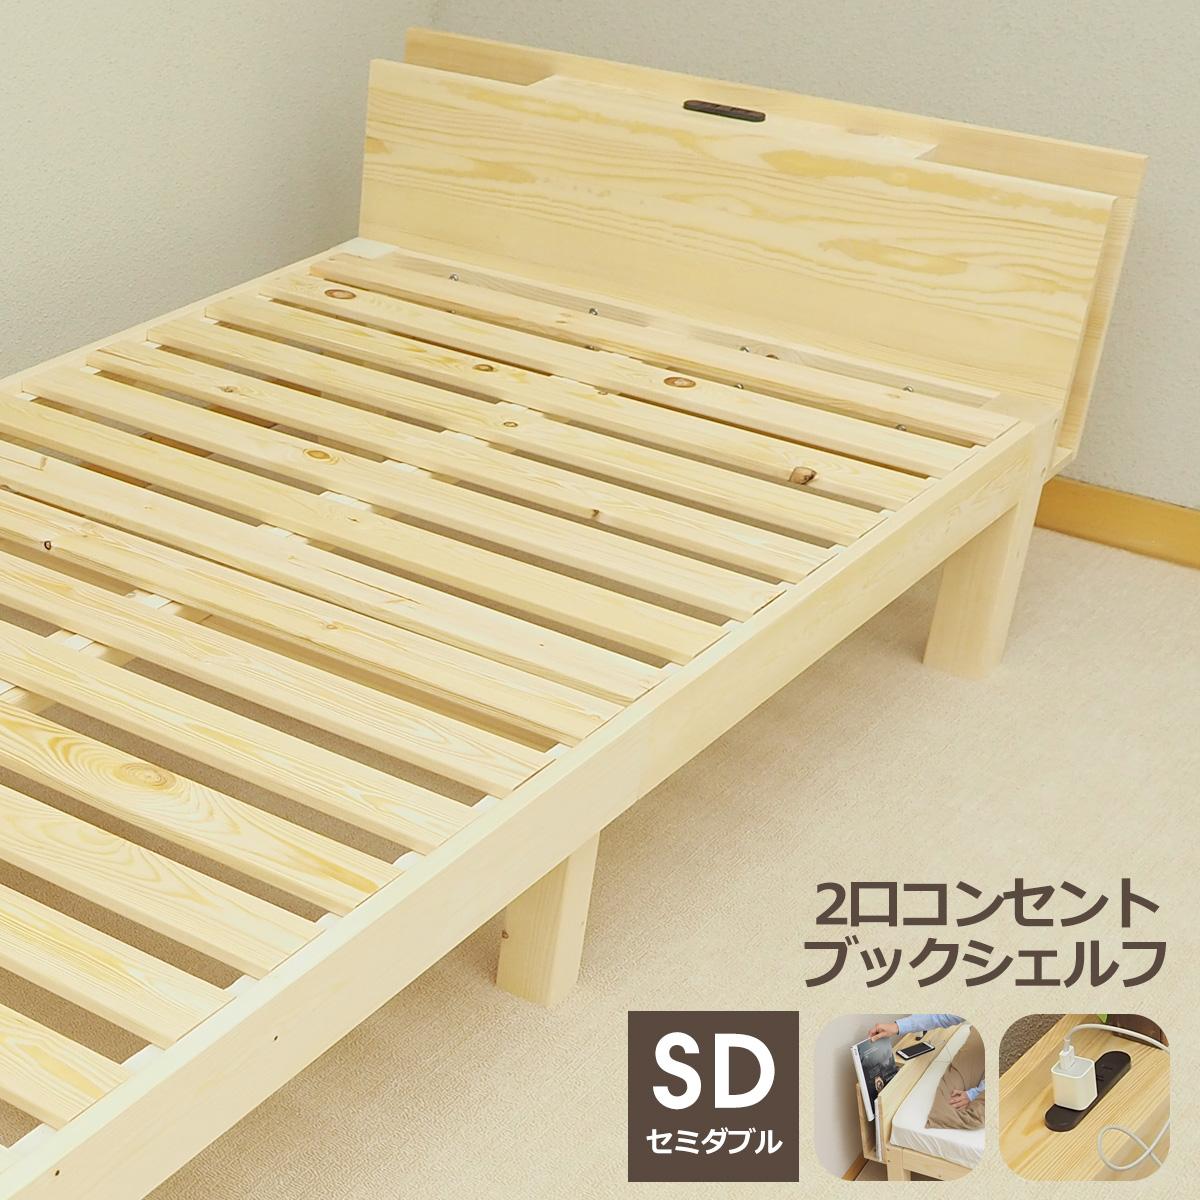 【店内全品10%オフ】木製ベッドフレーム 宮付き 2口コンセント付き セミダブル CN0602